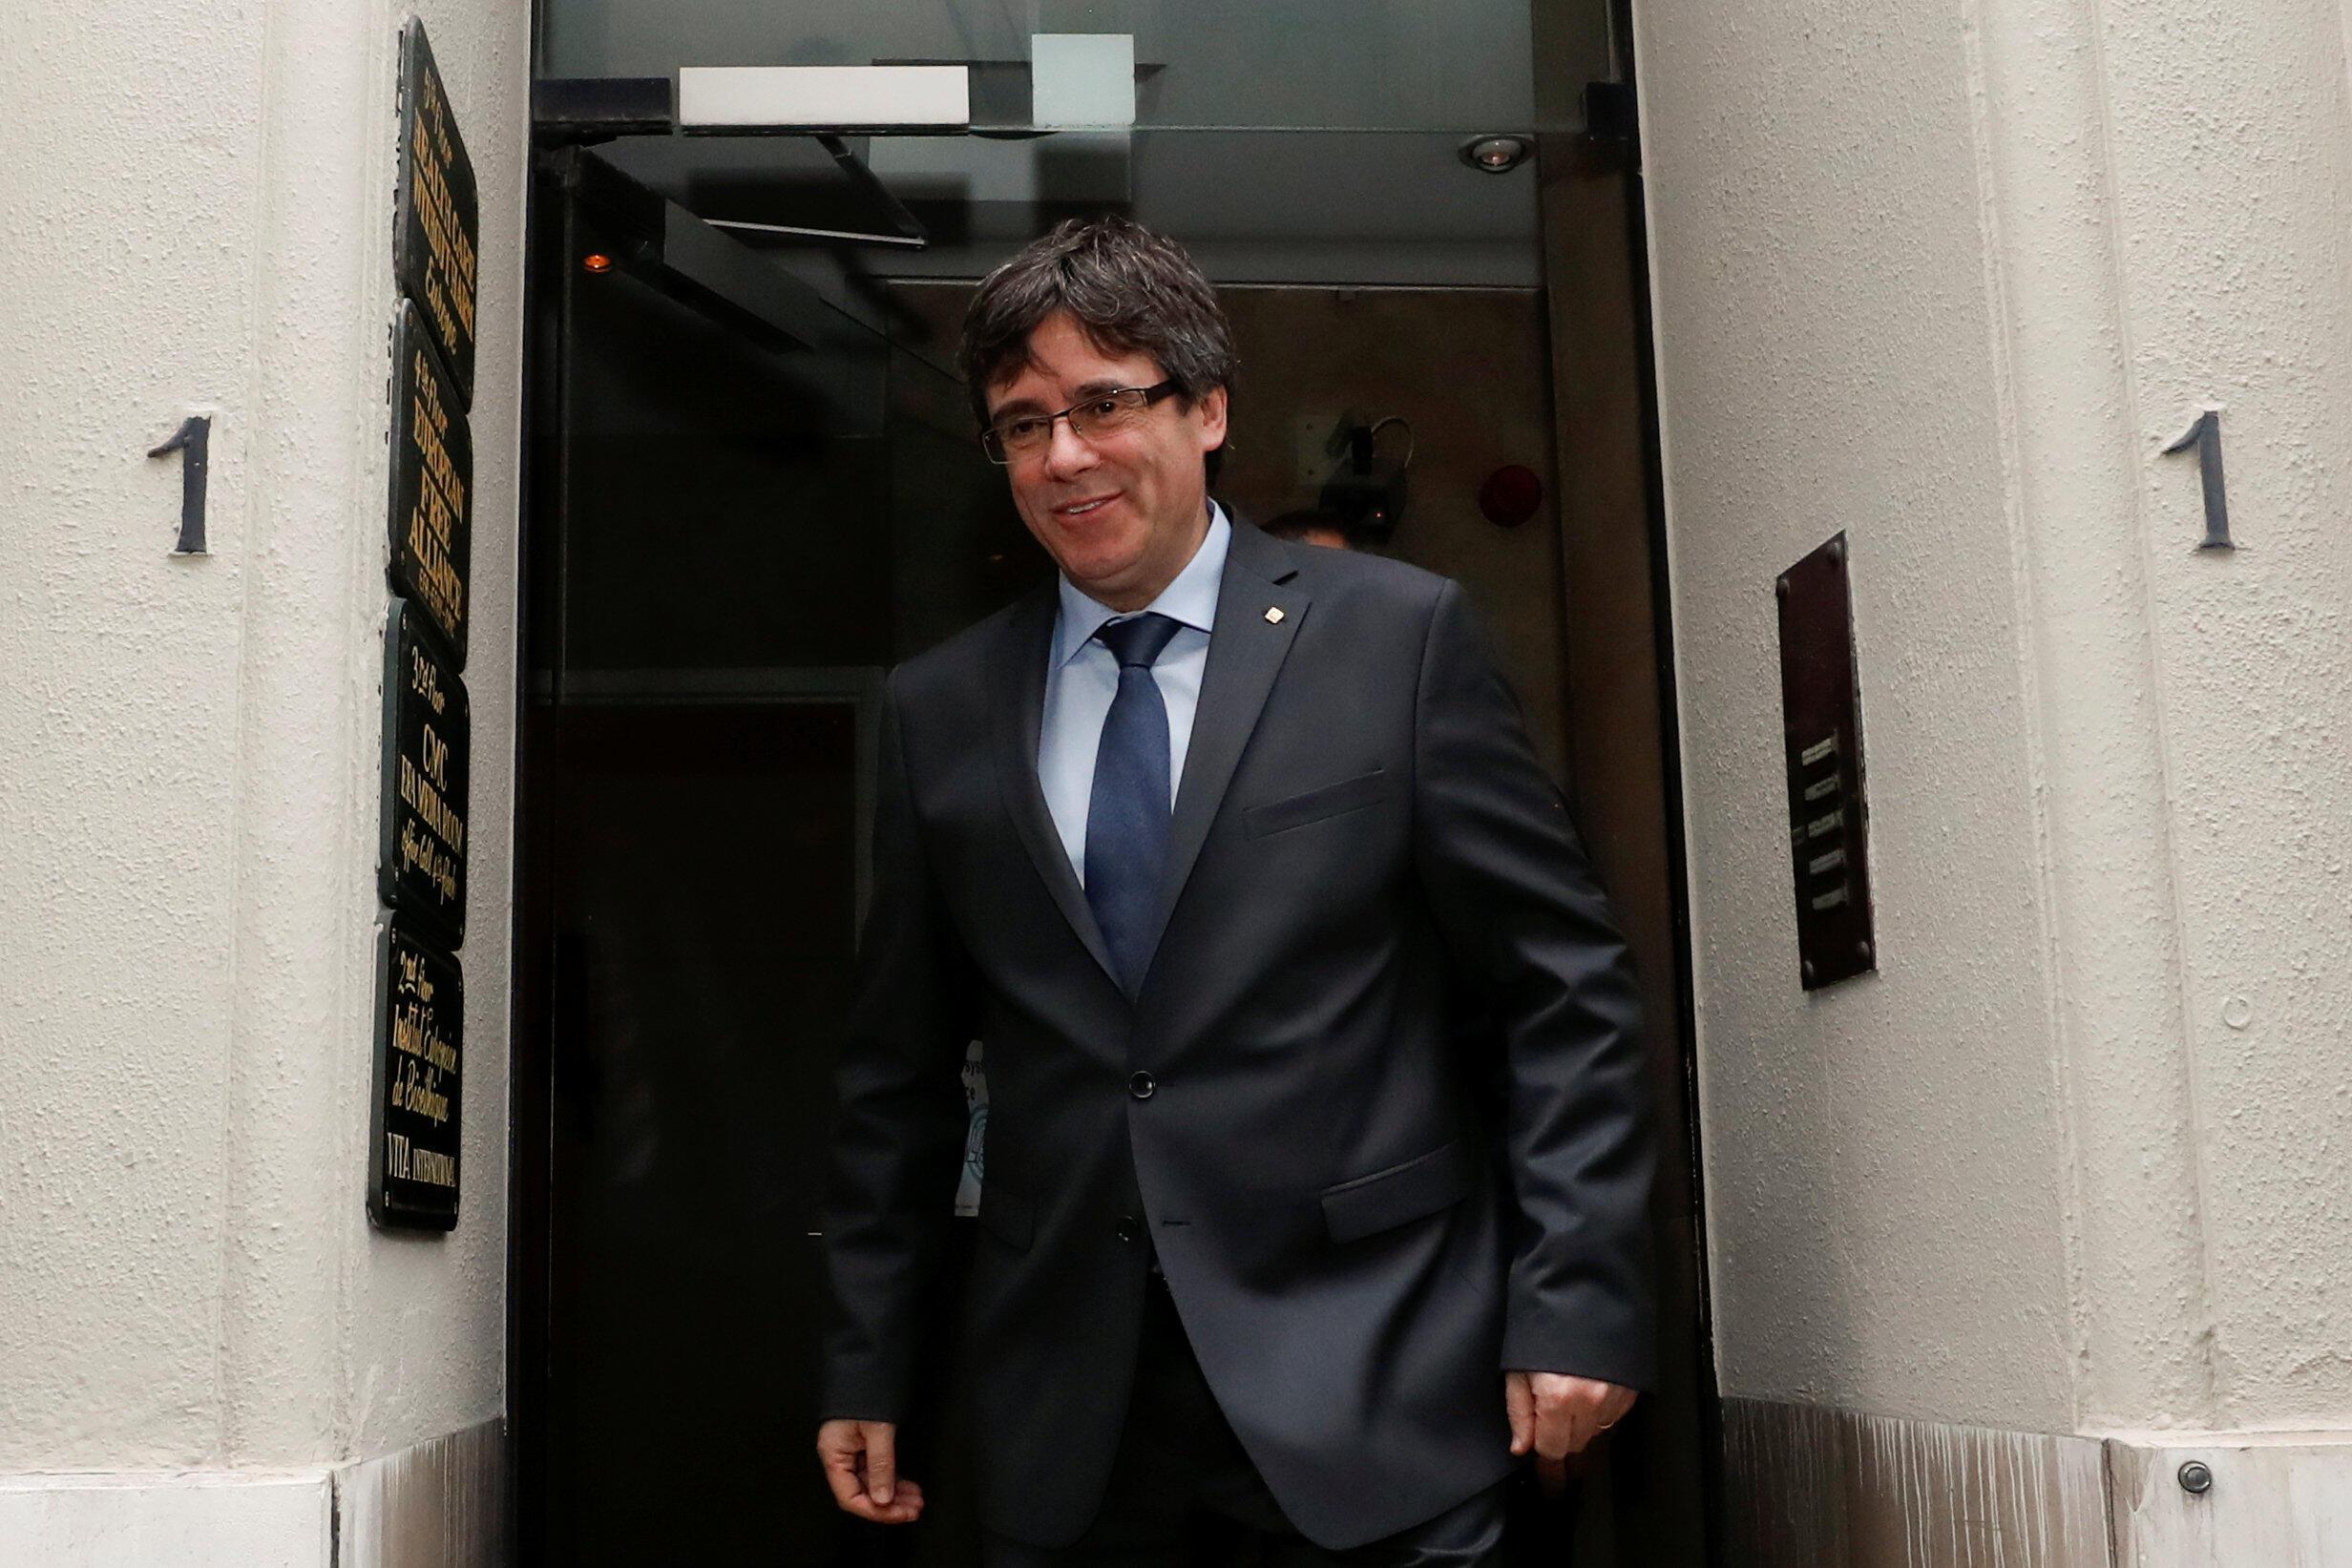 El expresidente, destituido Carles Puigdemont sale de una reunión con el presidente del Parlamento regional catalán, Roger Torrent, en Bruselas, Bélgica, el 24 de enero de 2018.